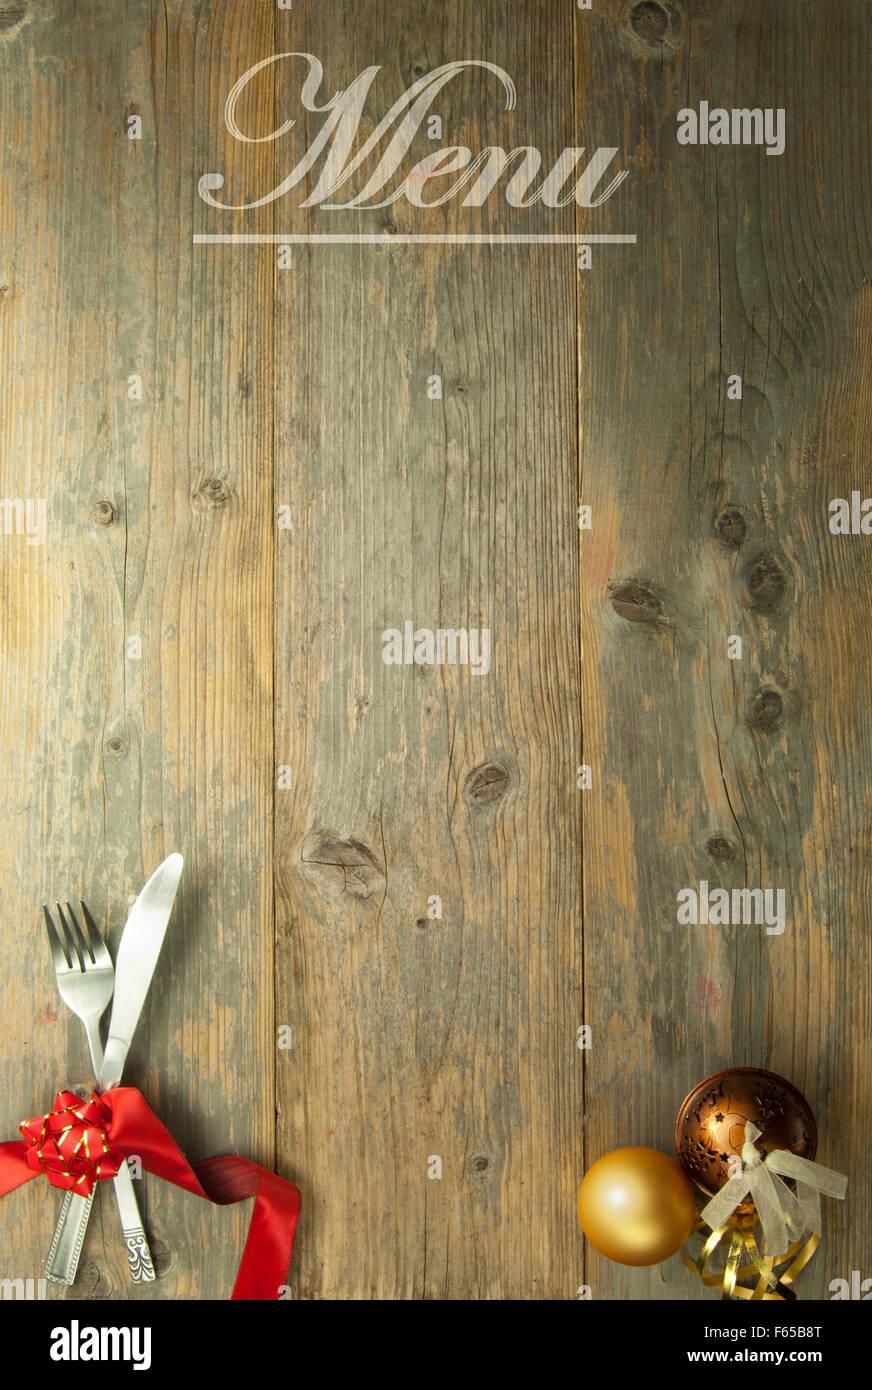 weihnachts men hintergrund stockfoto bild 89858408 alamy. Black Bedroom Furniture Sets. Home Design Ideas